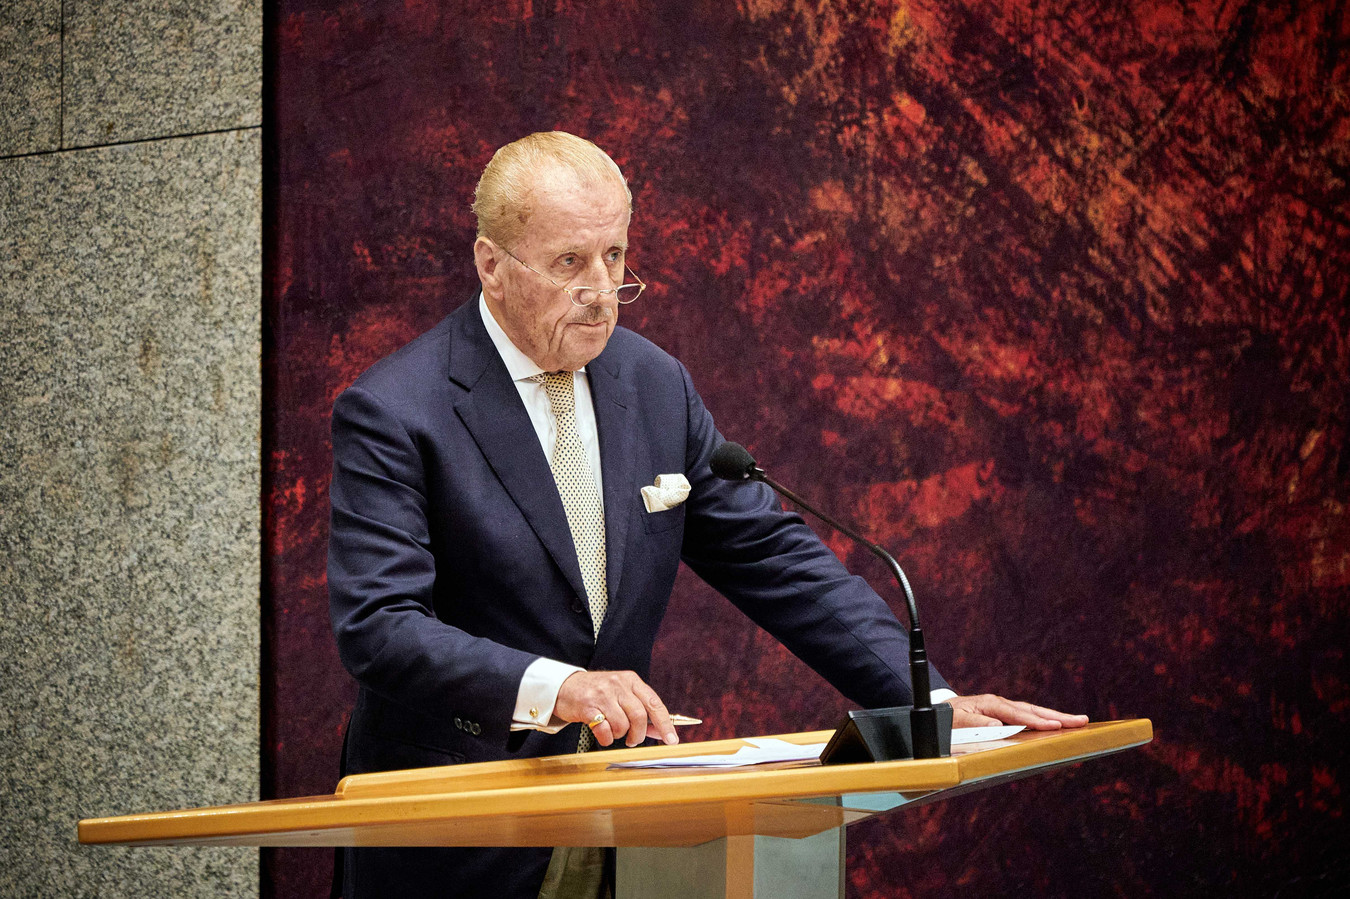 Kamerlid Theo Hiddema (FVD) in de Tweede Kamer tijdens een debat over institutioneel racisme in Nederland.